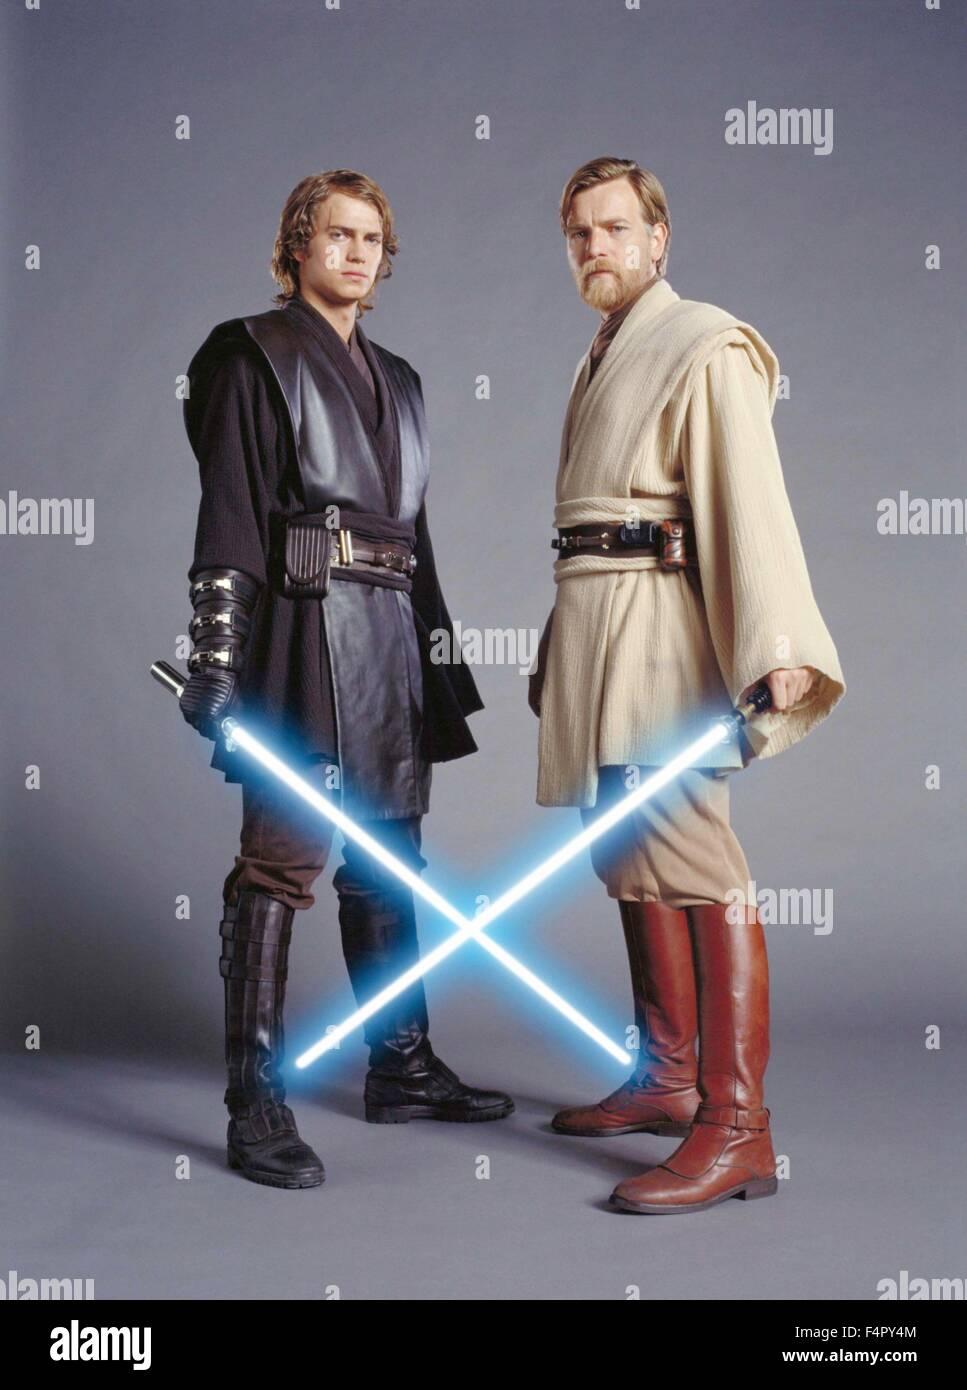 Ewan Mcgregor And Hayden Christensen Star Wars Episode Iii Revenge Stock Photo Alamy